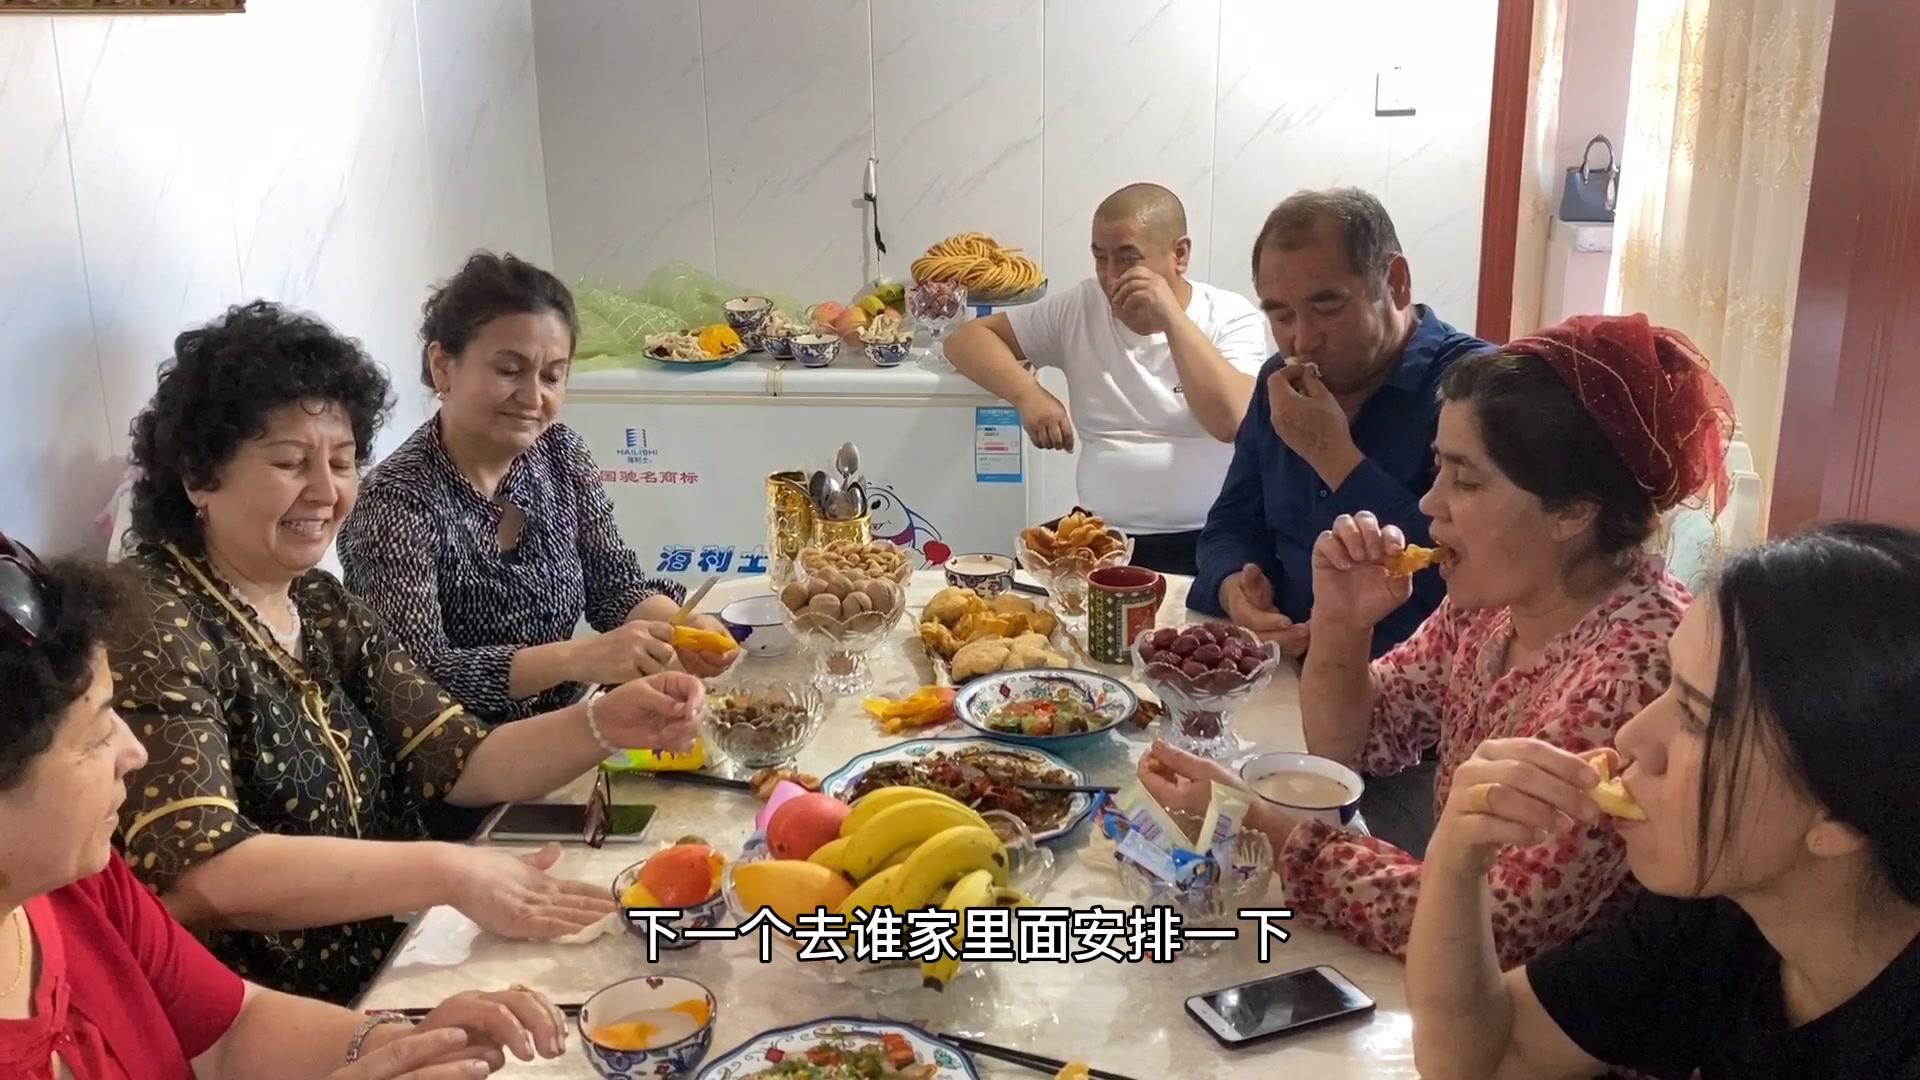 新疆4个姑姑回娘家?法特家准备一桌美食招待,这待遇太好了